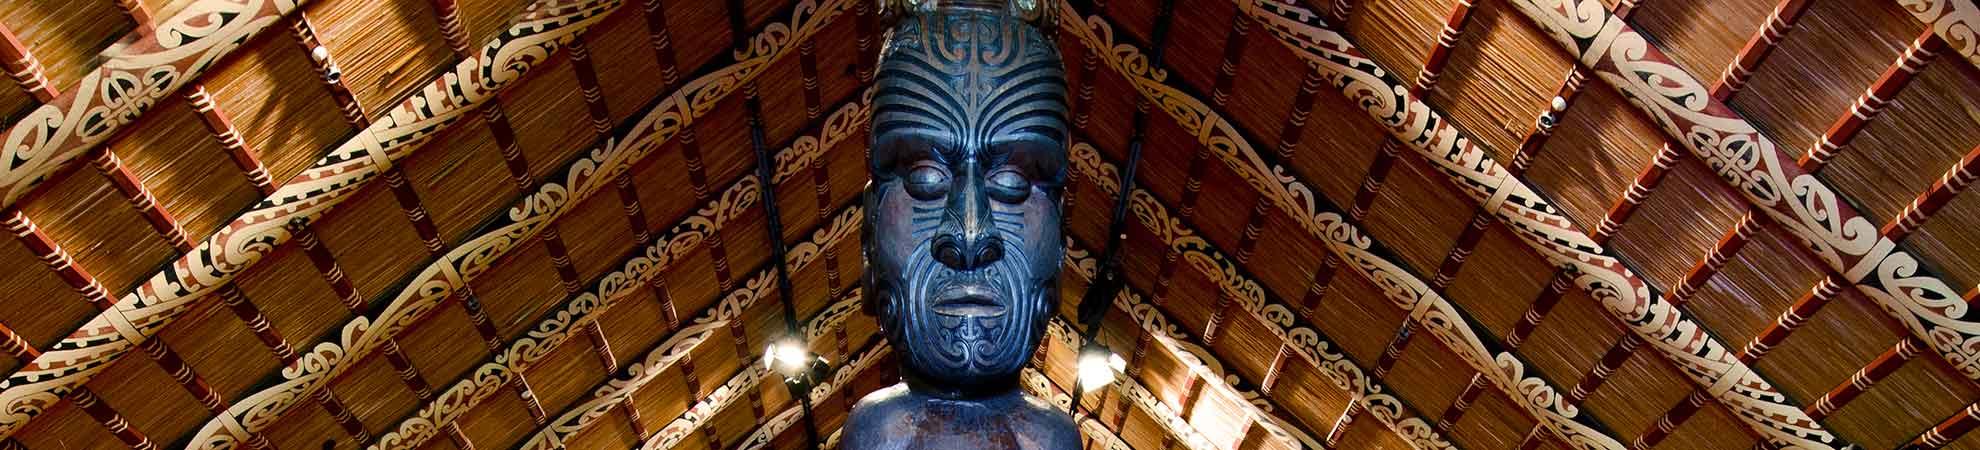 Tous ce qu'il faut savoir pour organiser un séjour en Nouvelle-Zélande et réussir votre voyage